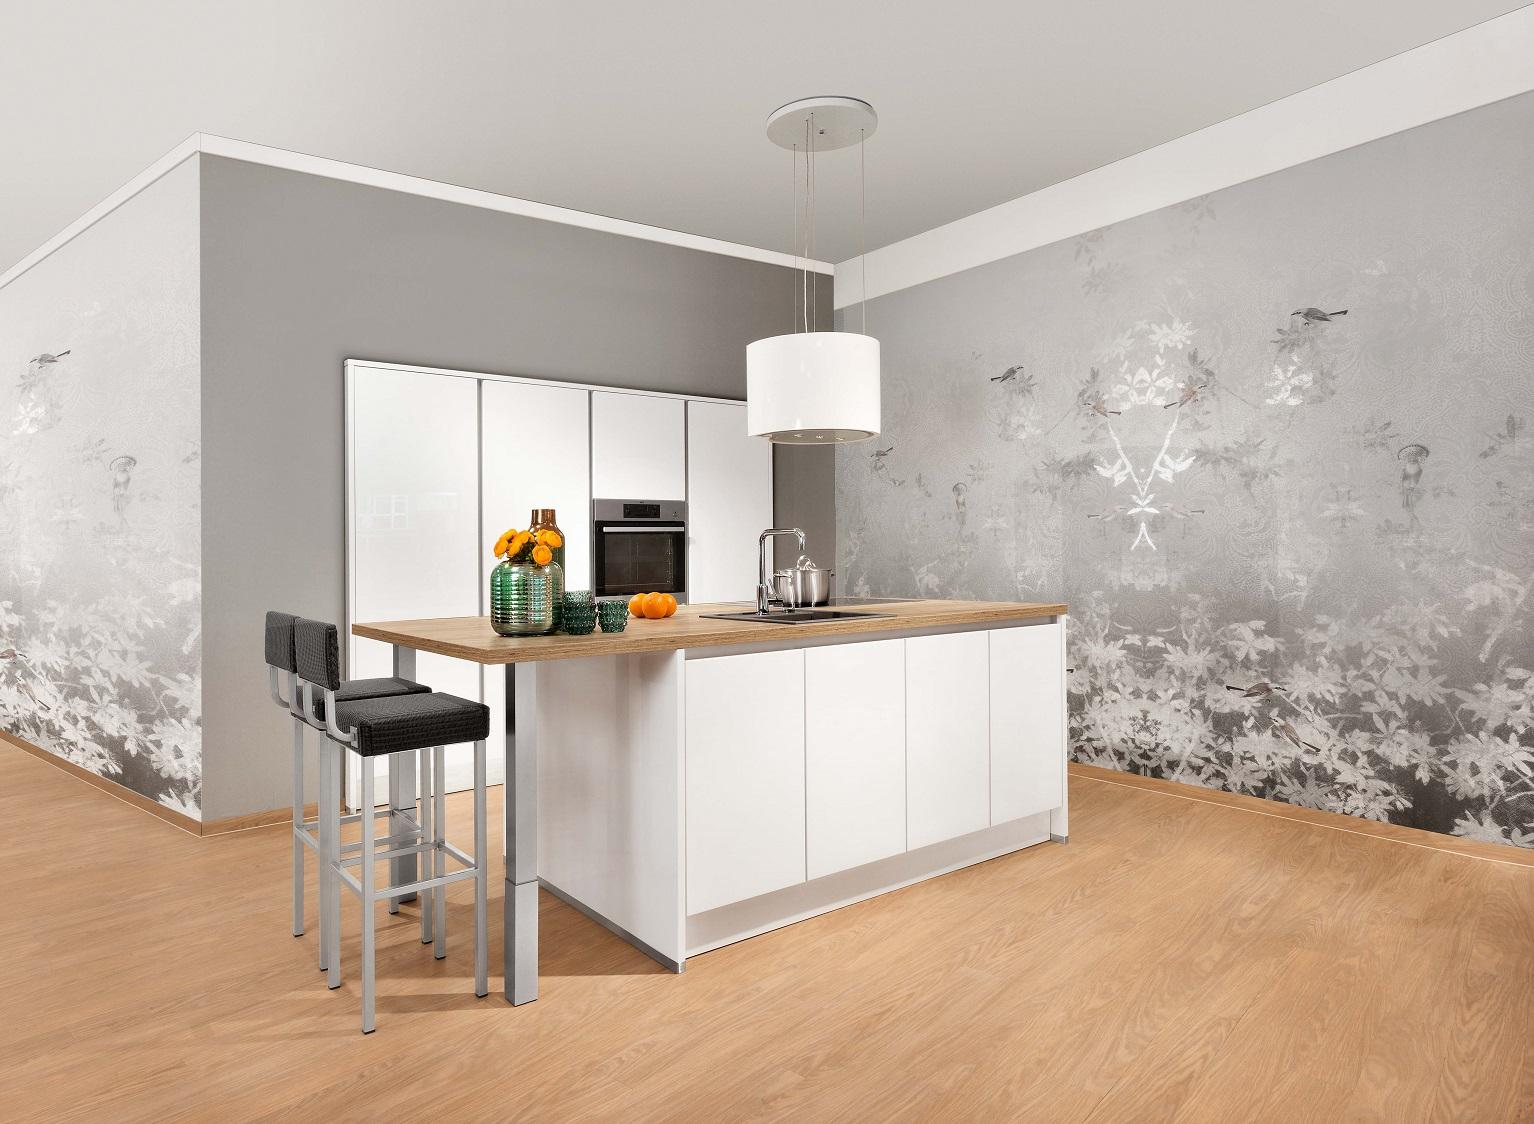 Full Size of Form Follows Function Moderne Kochinsel 2026 Freistehende Küche Wohnzimmer Kücheninsel Freistehend